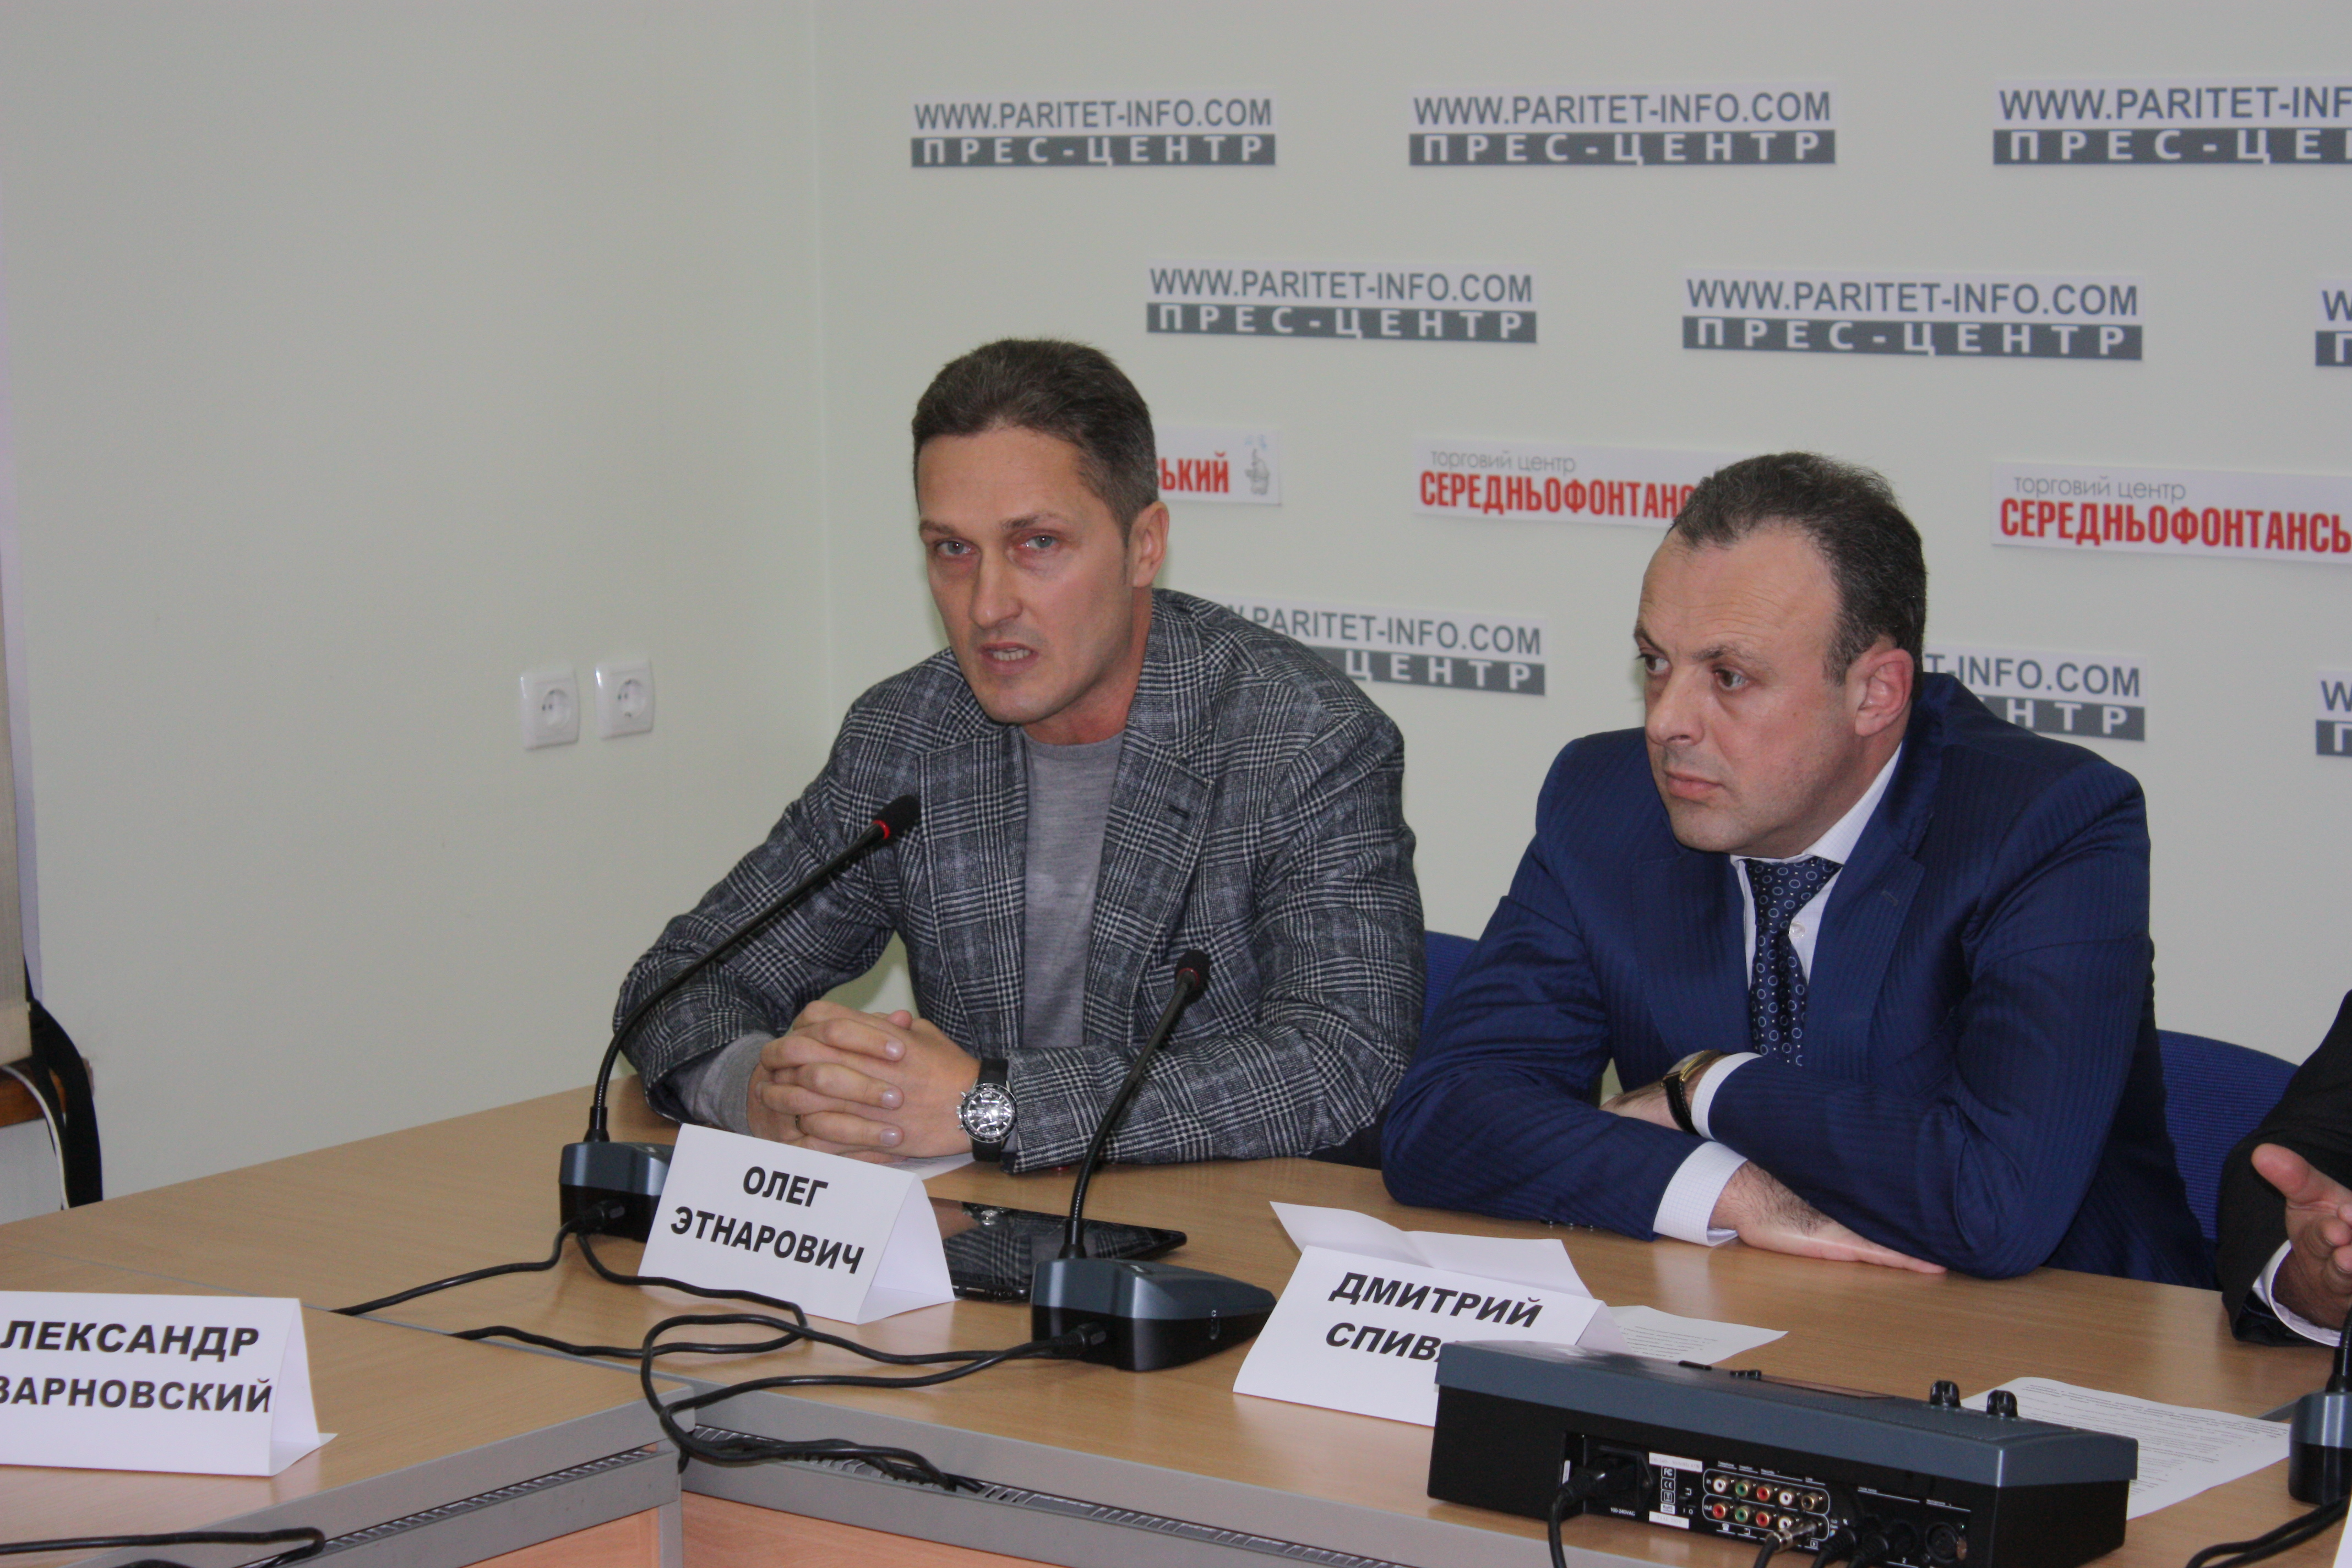 Etnarovich